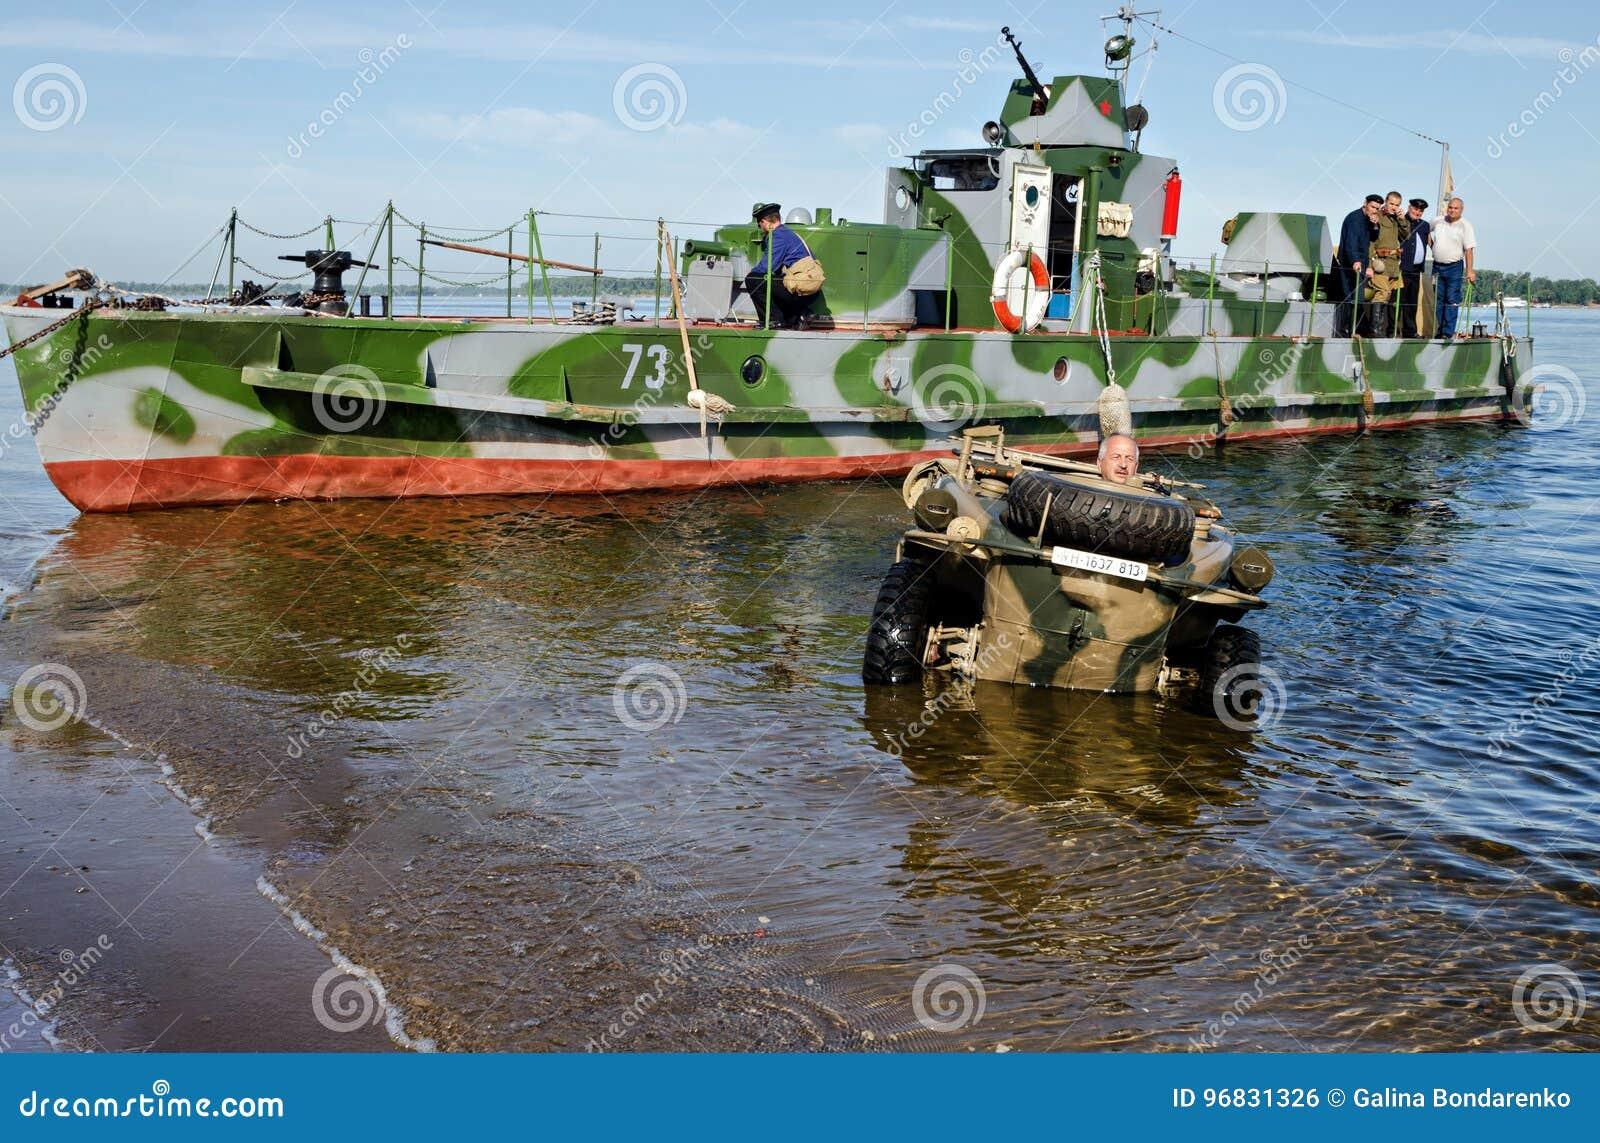 Festival histórico de la Segunda Guerra Mundial al Samara, el 26 de julio de 2015 La lancha de desembarque soviética y el coche f